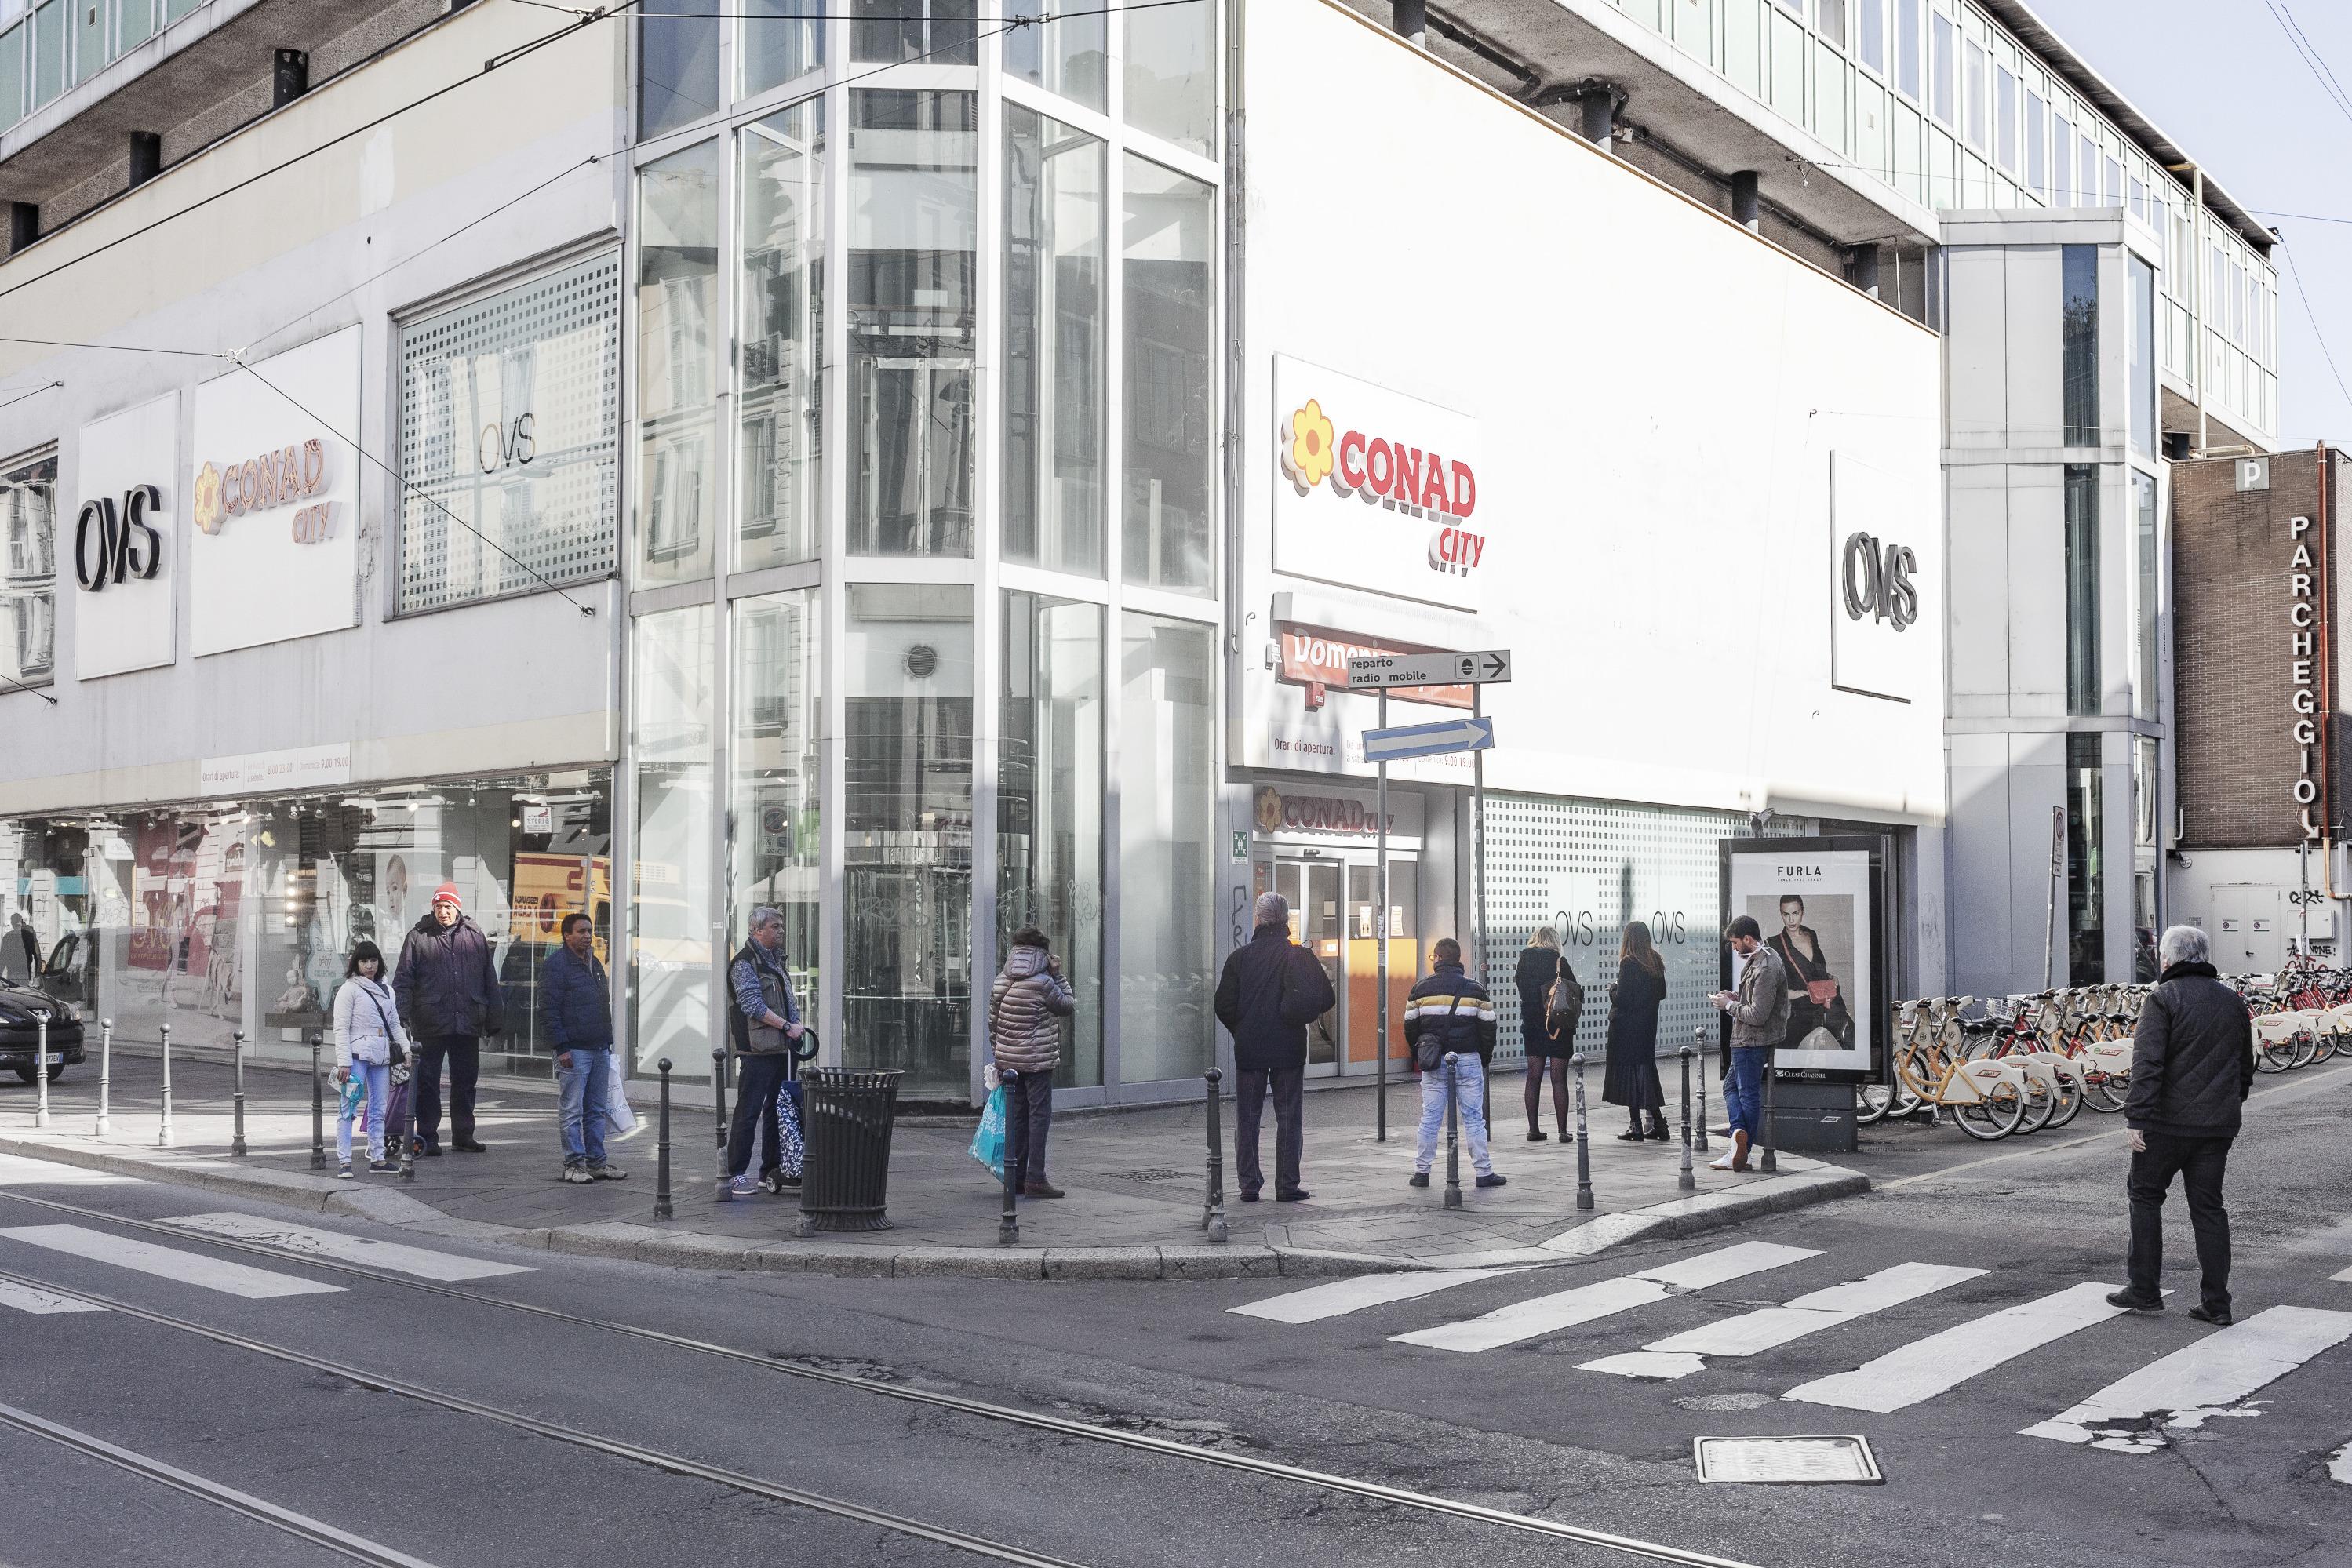 Люди стоят в очереди у супермаркета. Между каждым человеком сохраняется безопасное расстояние в один метр, и только несколько человек за один раз допускаются внутрь